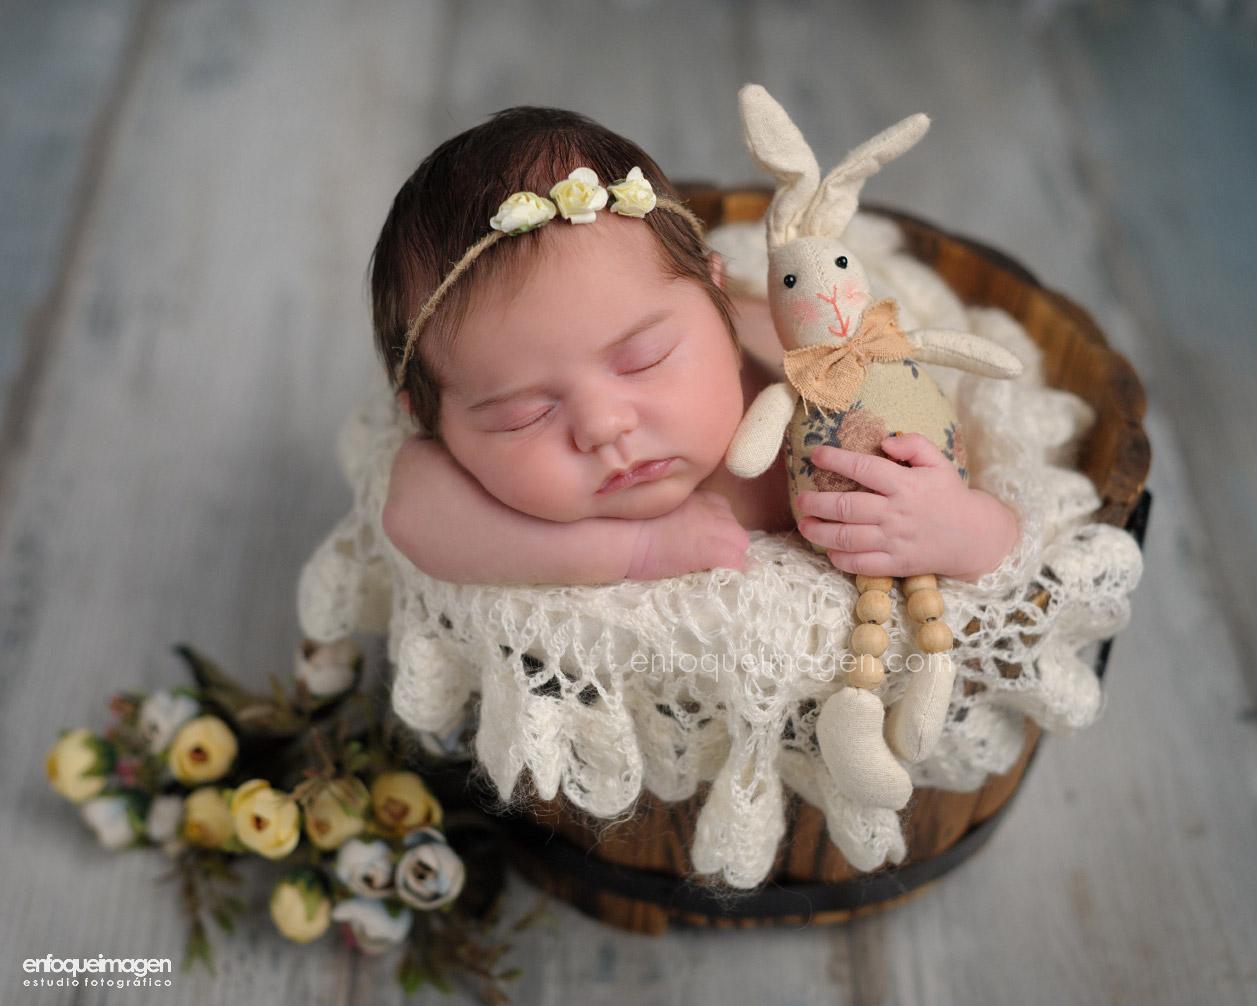 fotos bebé málaga, reportaje recién nacido, fotos bonitas de bebés, fotografías de bebés adorables, foto camita bebé, newborn, recien nacido, fotógrafa málaga, estudio fotográfico